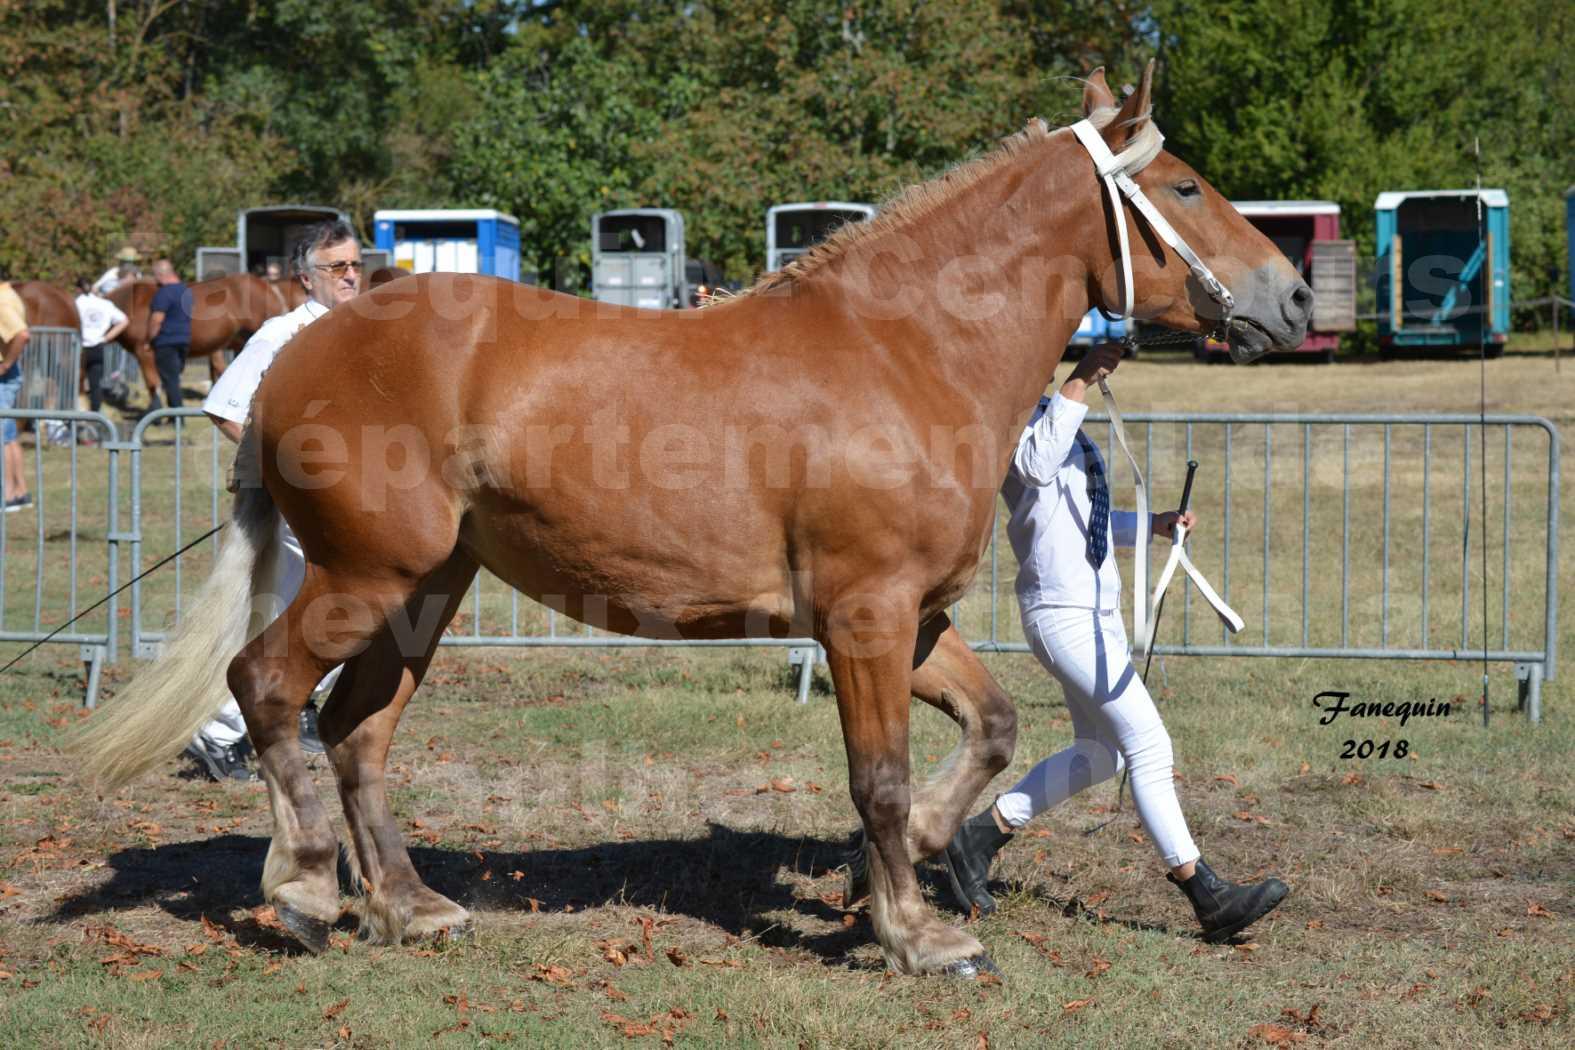 Concours départemental de chevaux de traits à GRAULHET en 2018 - Elevage POUJADE - Notre Sélection - 05